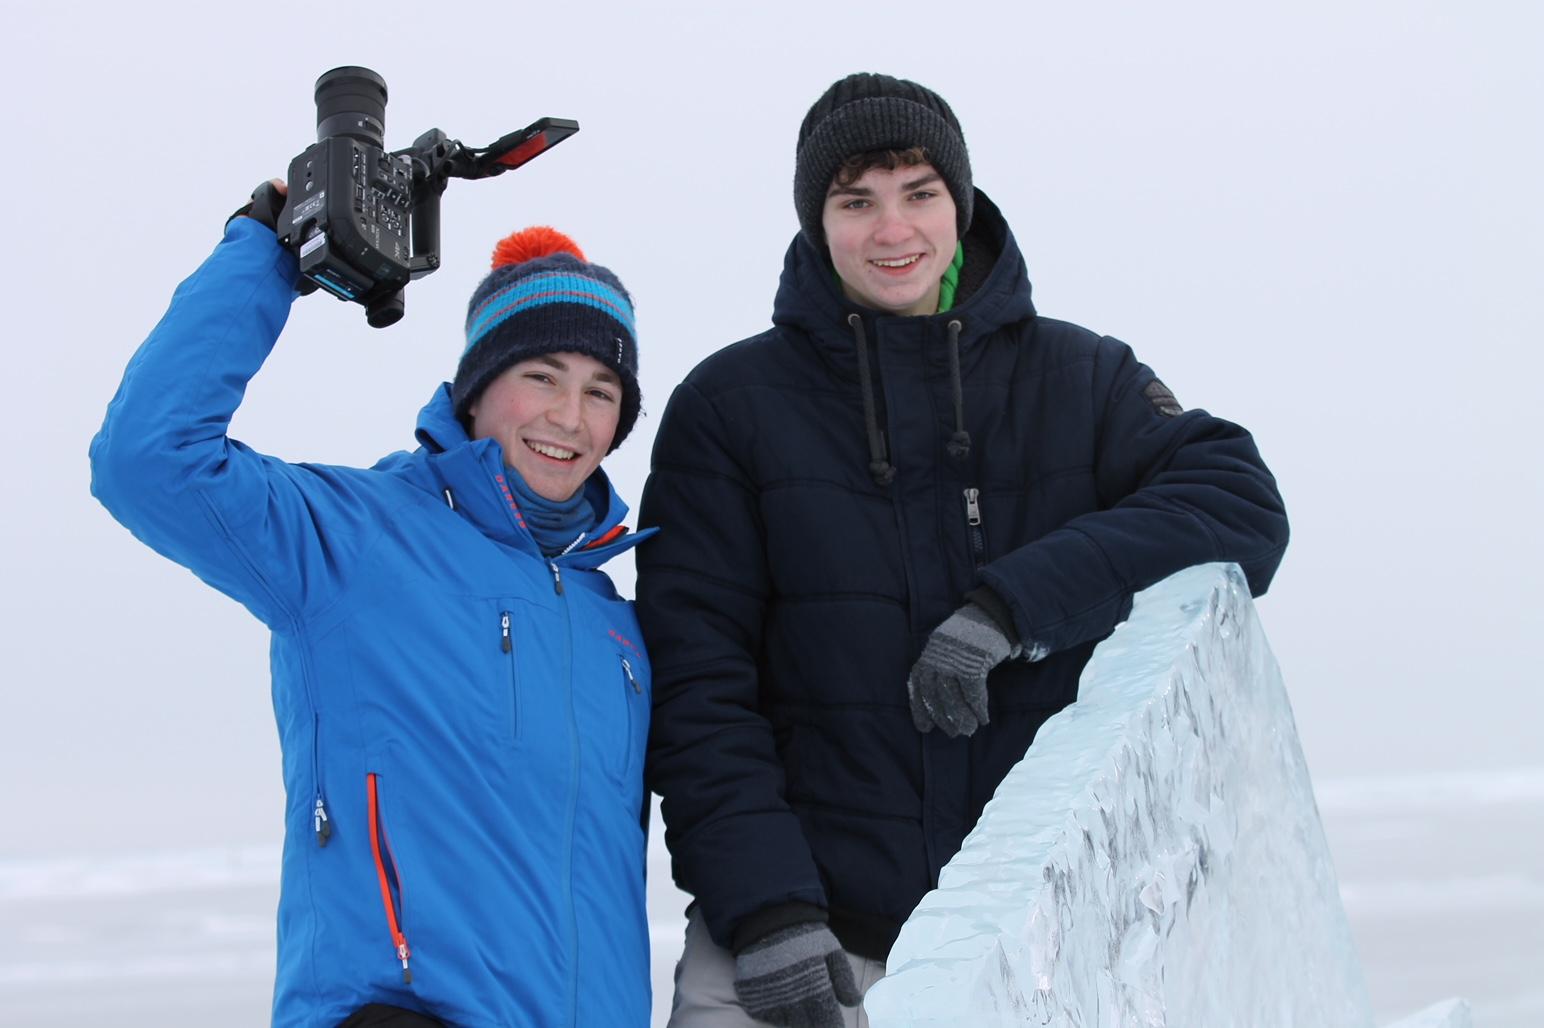 Öffentlichkeitsarbeit: BERUF UMWELT – Baikal Chiemsee (2018)